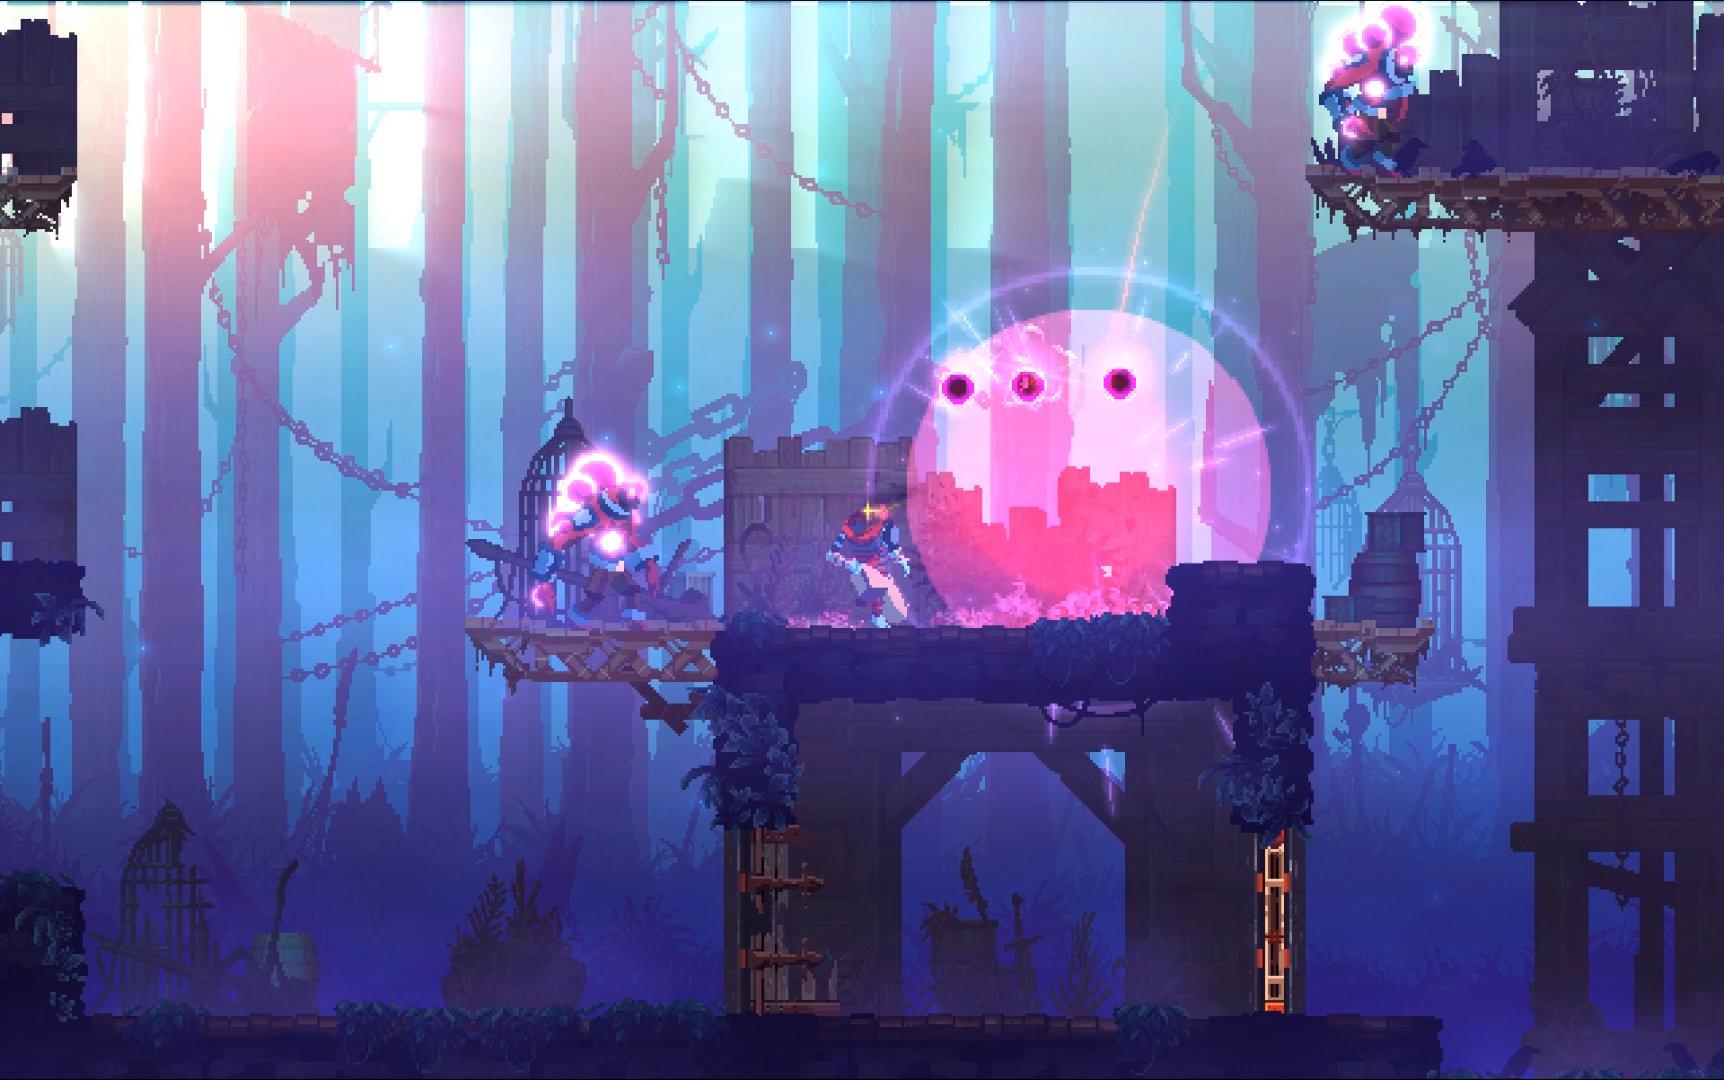 dead-cells-screenshots-02-ps4-us-25jan20